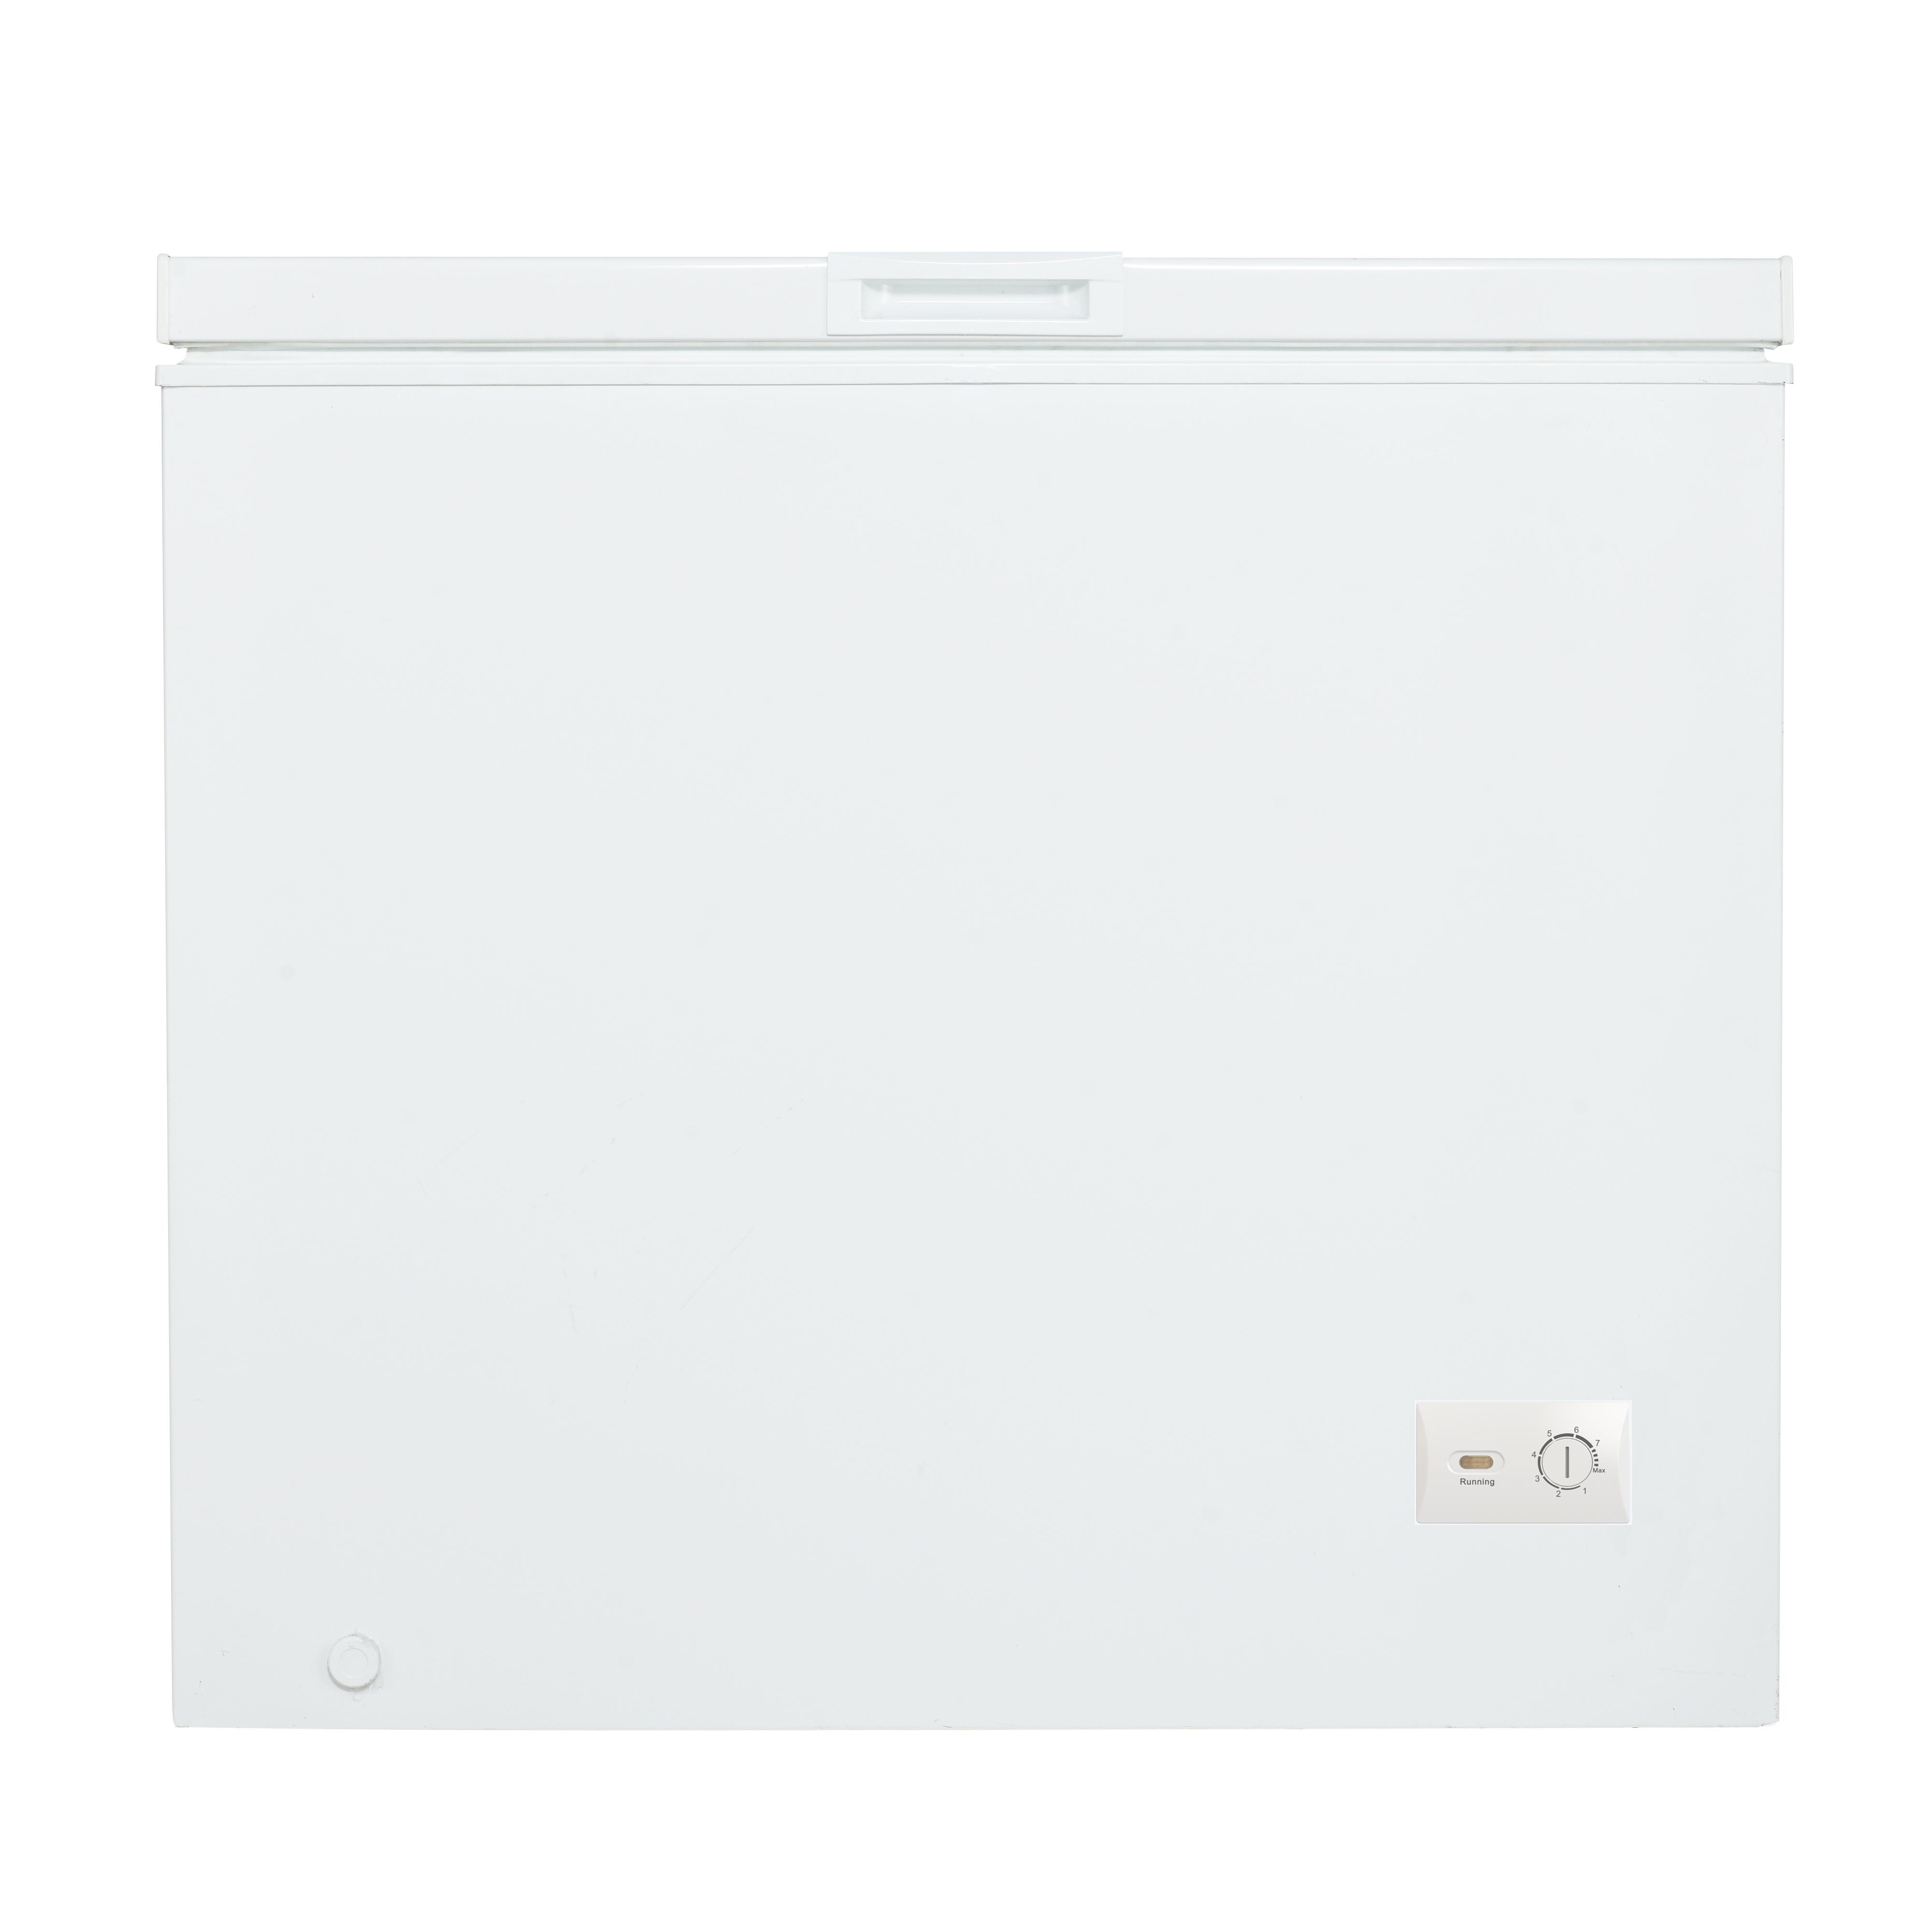 하이얼 뚜껑형 가정업소용 소형냉동고 200L 방문설치, HCF200EDW